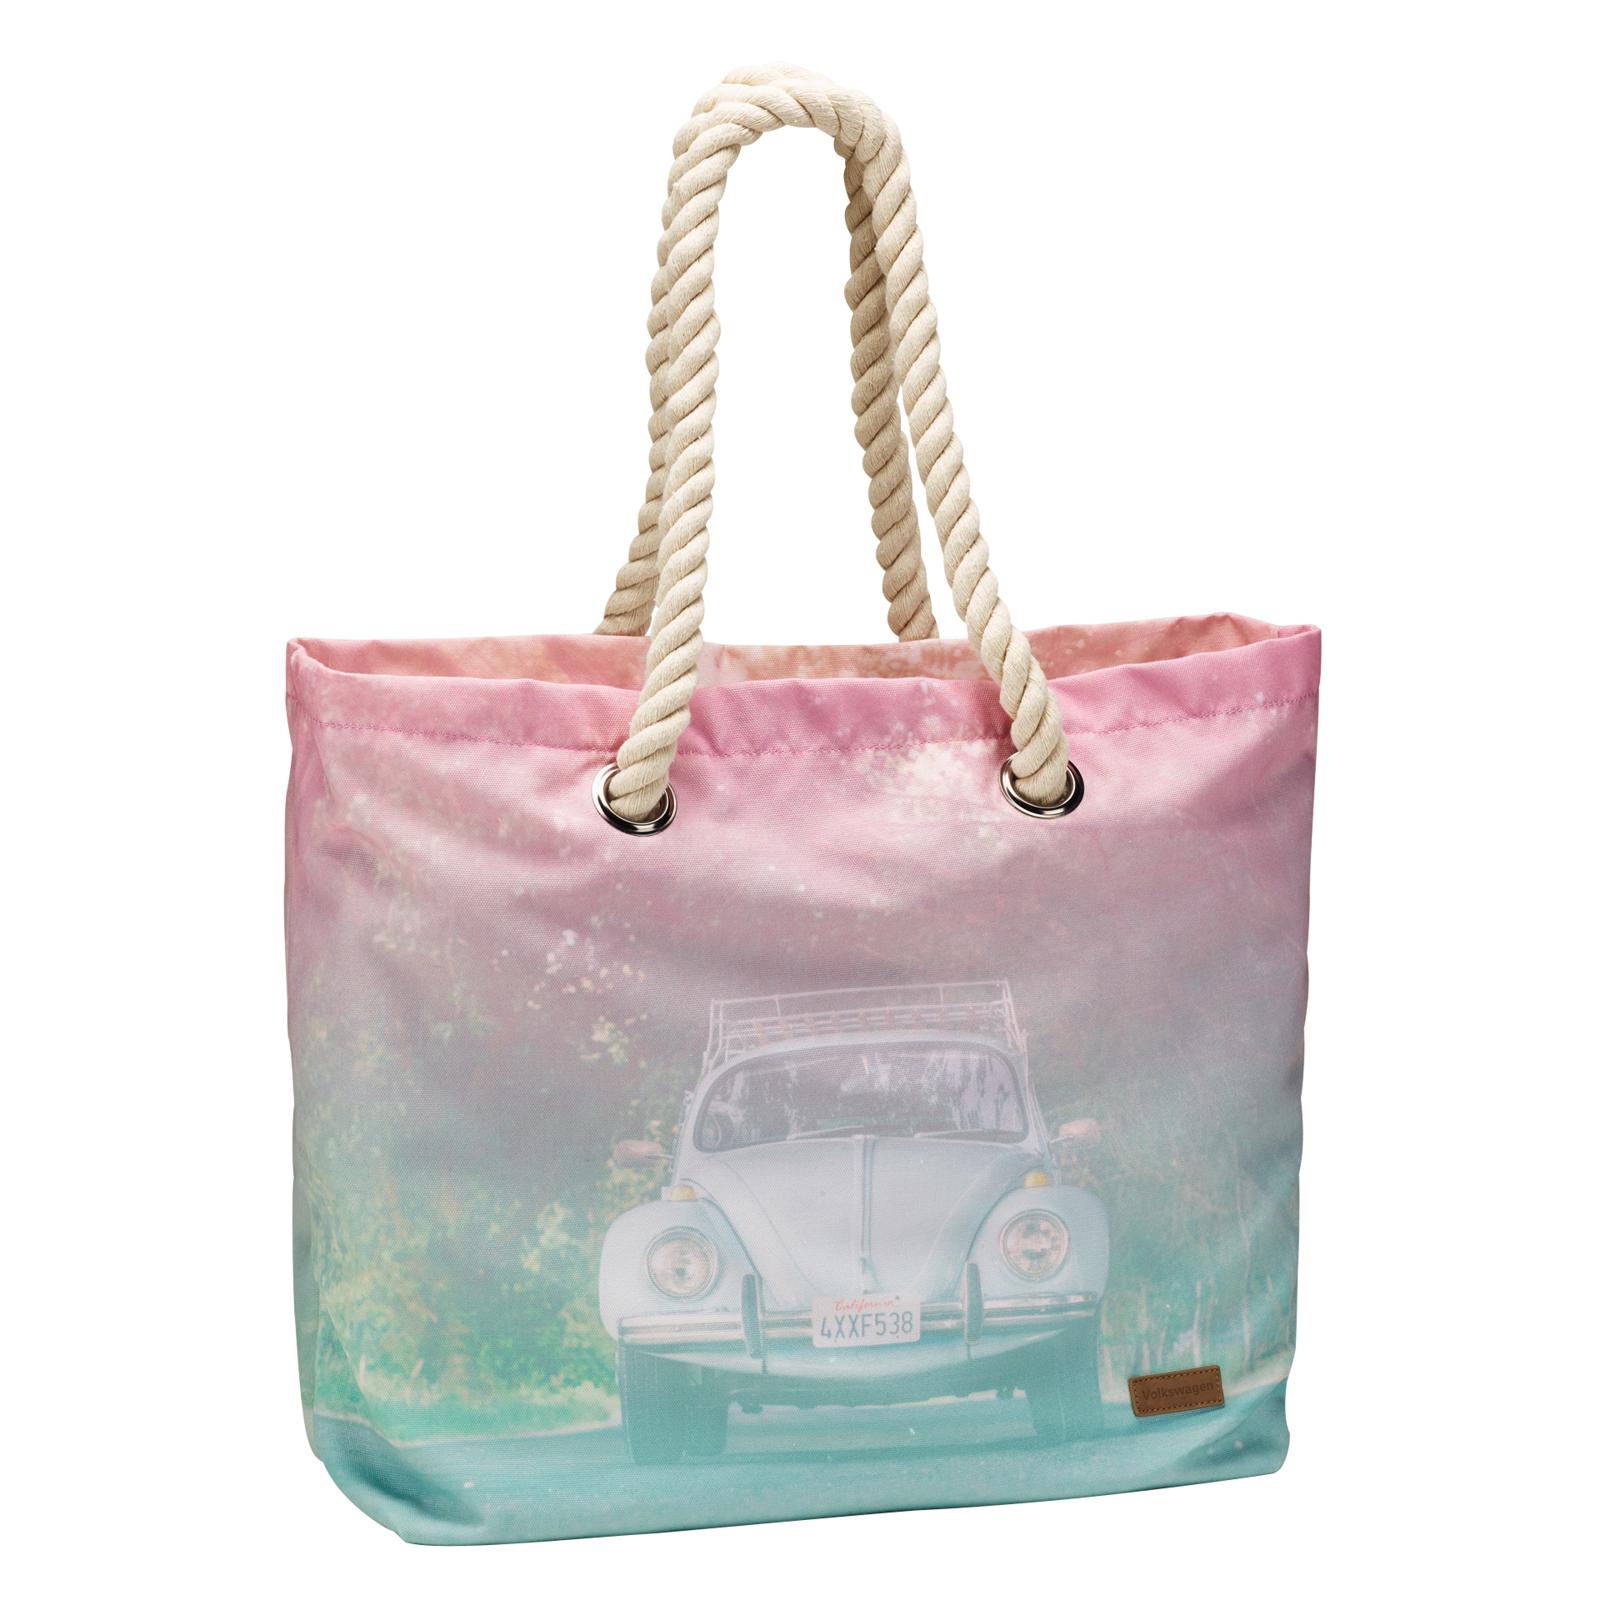 Strandtasche, Käferprint